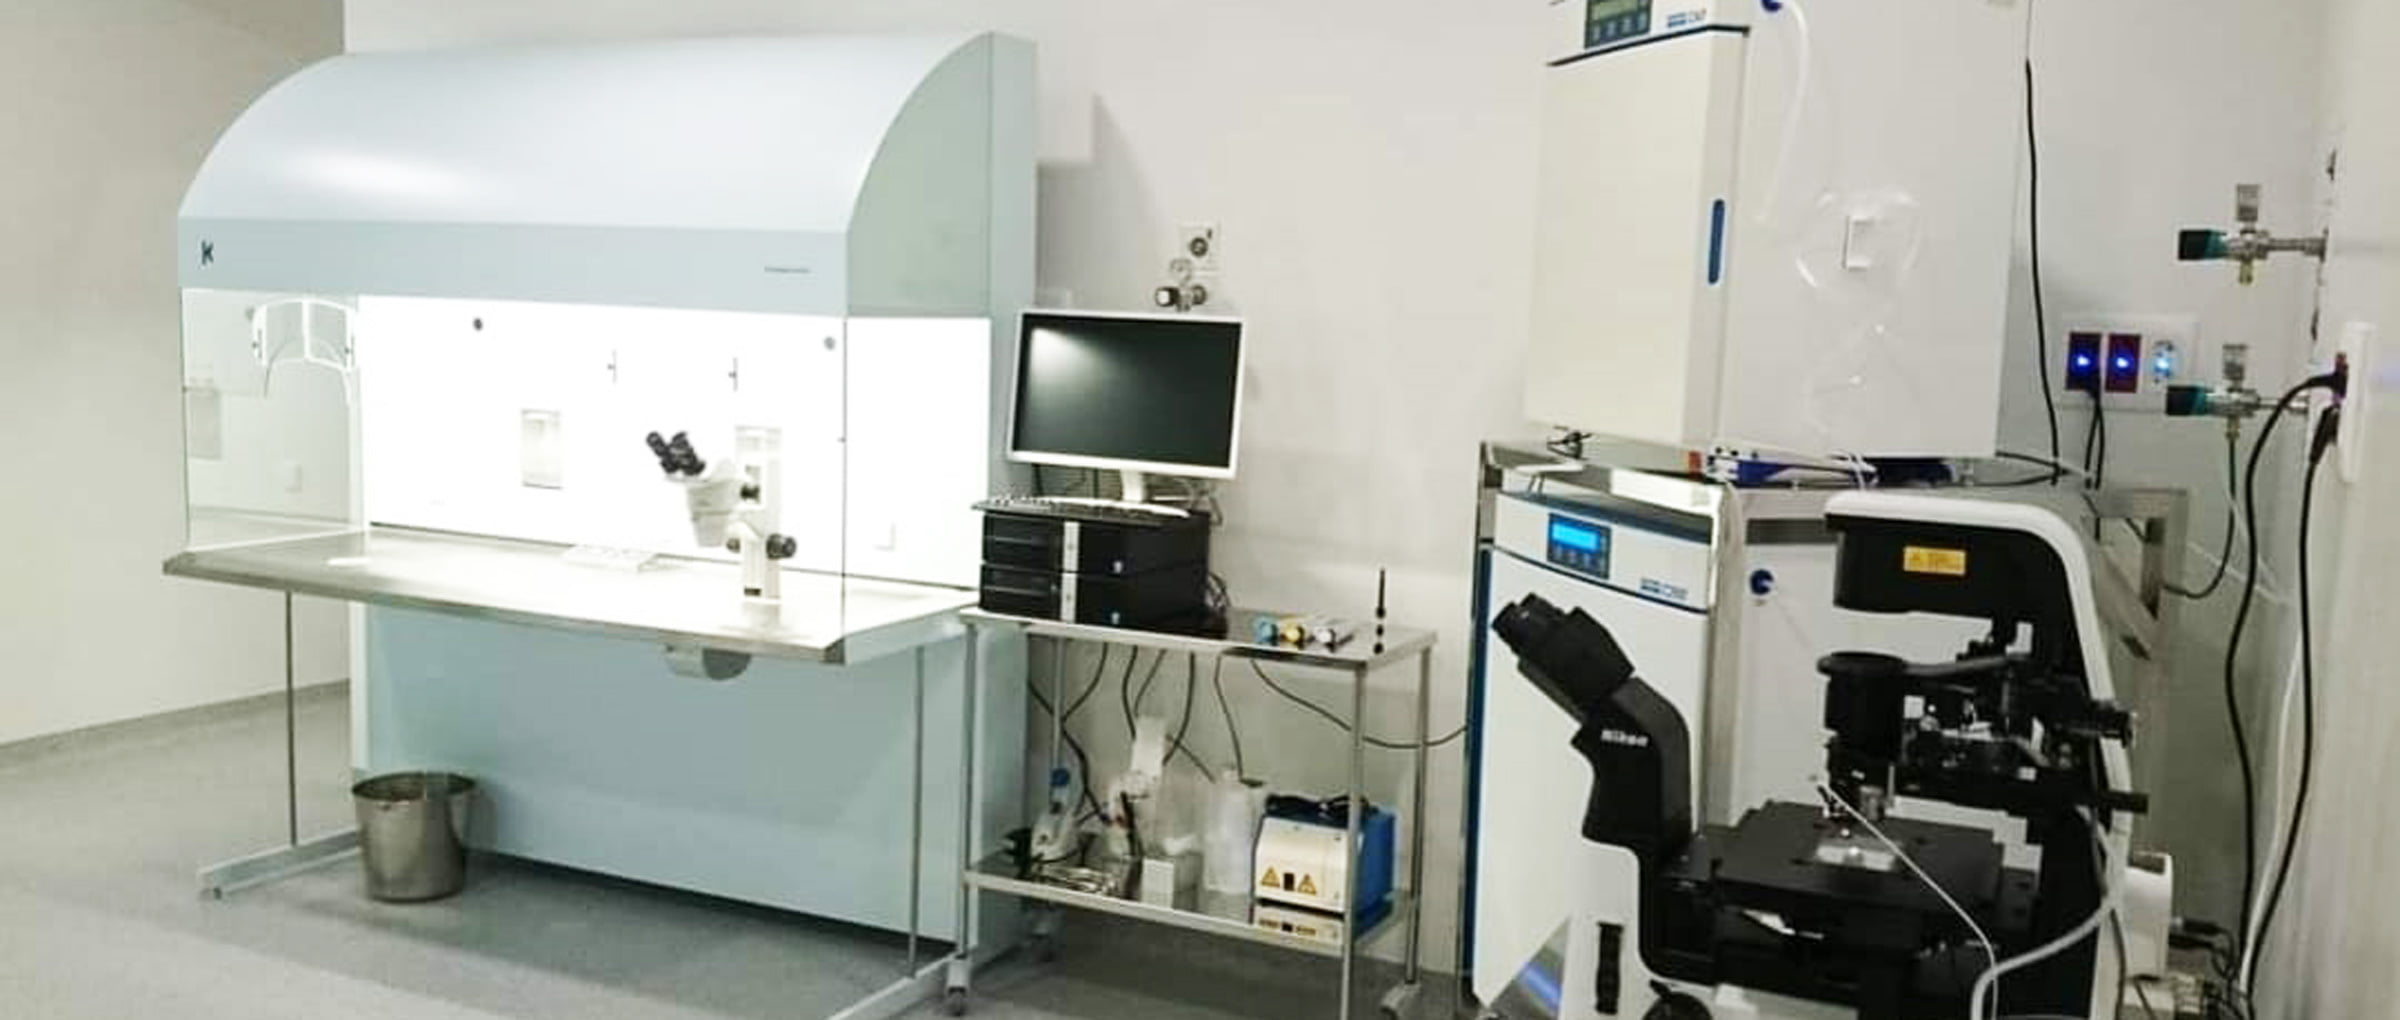 Laboratorio de FIV en Jofrefiv